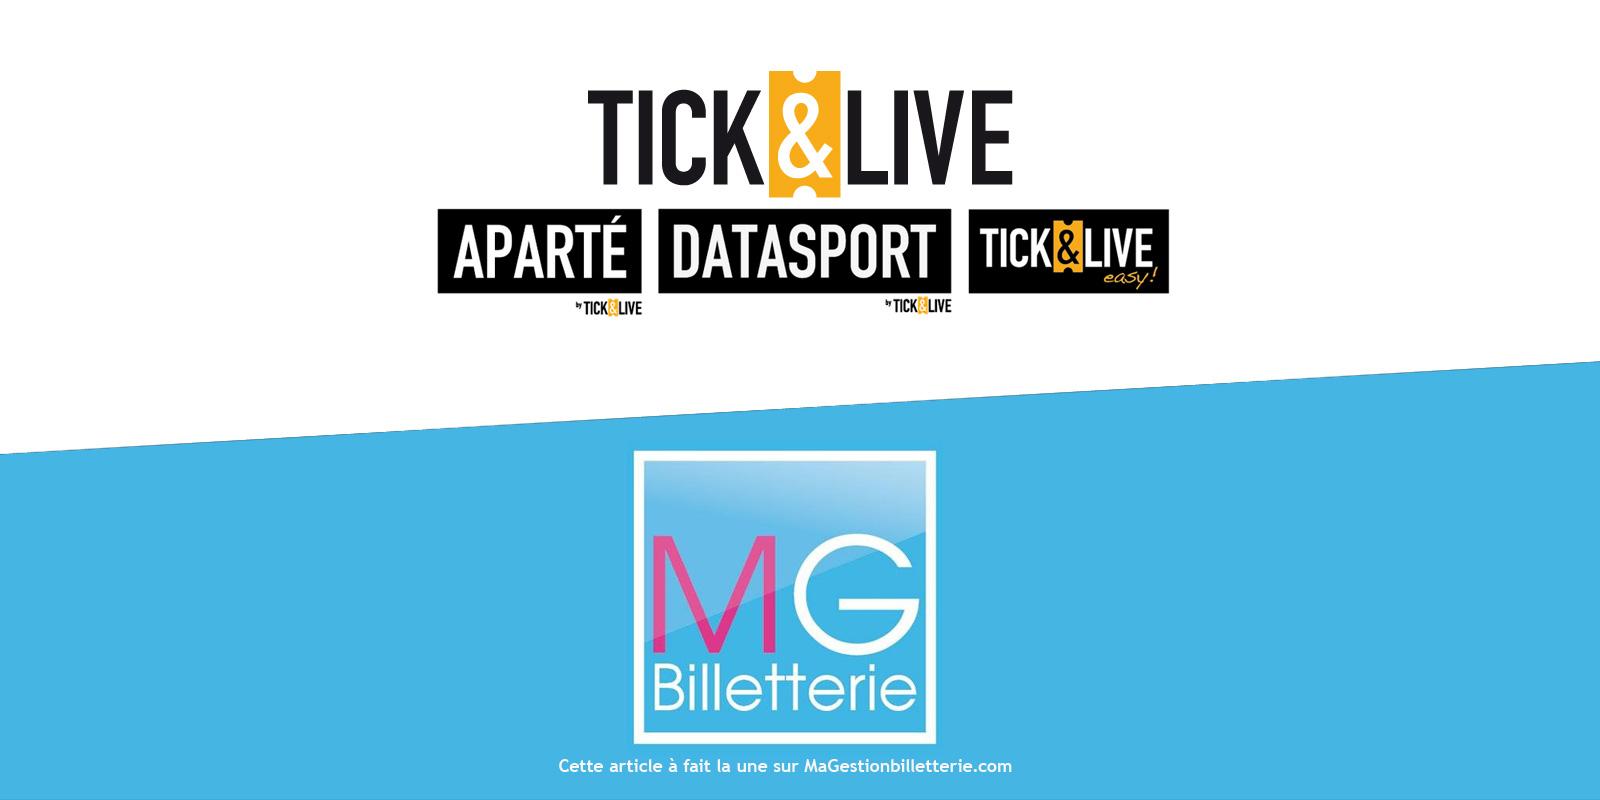 tickandlive-une3